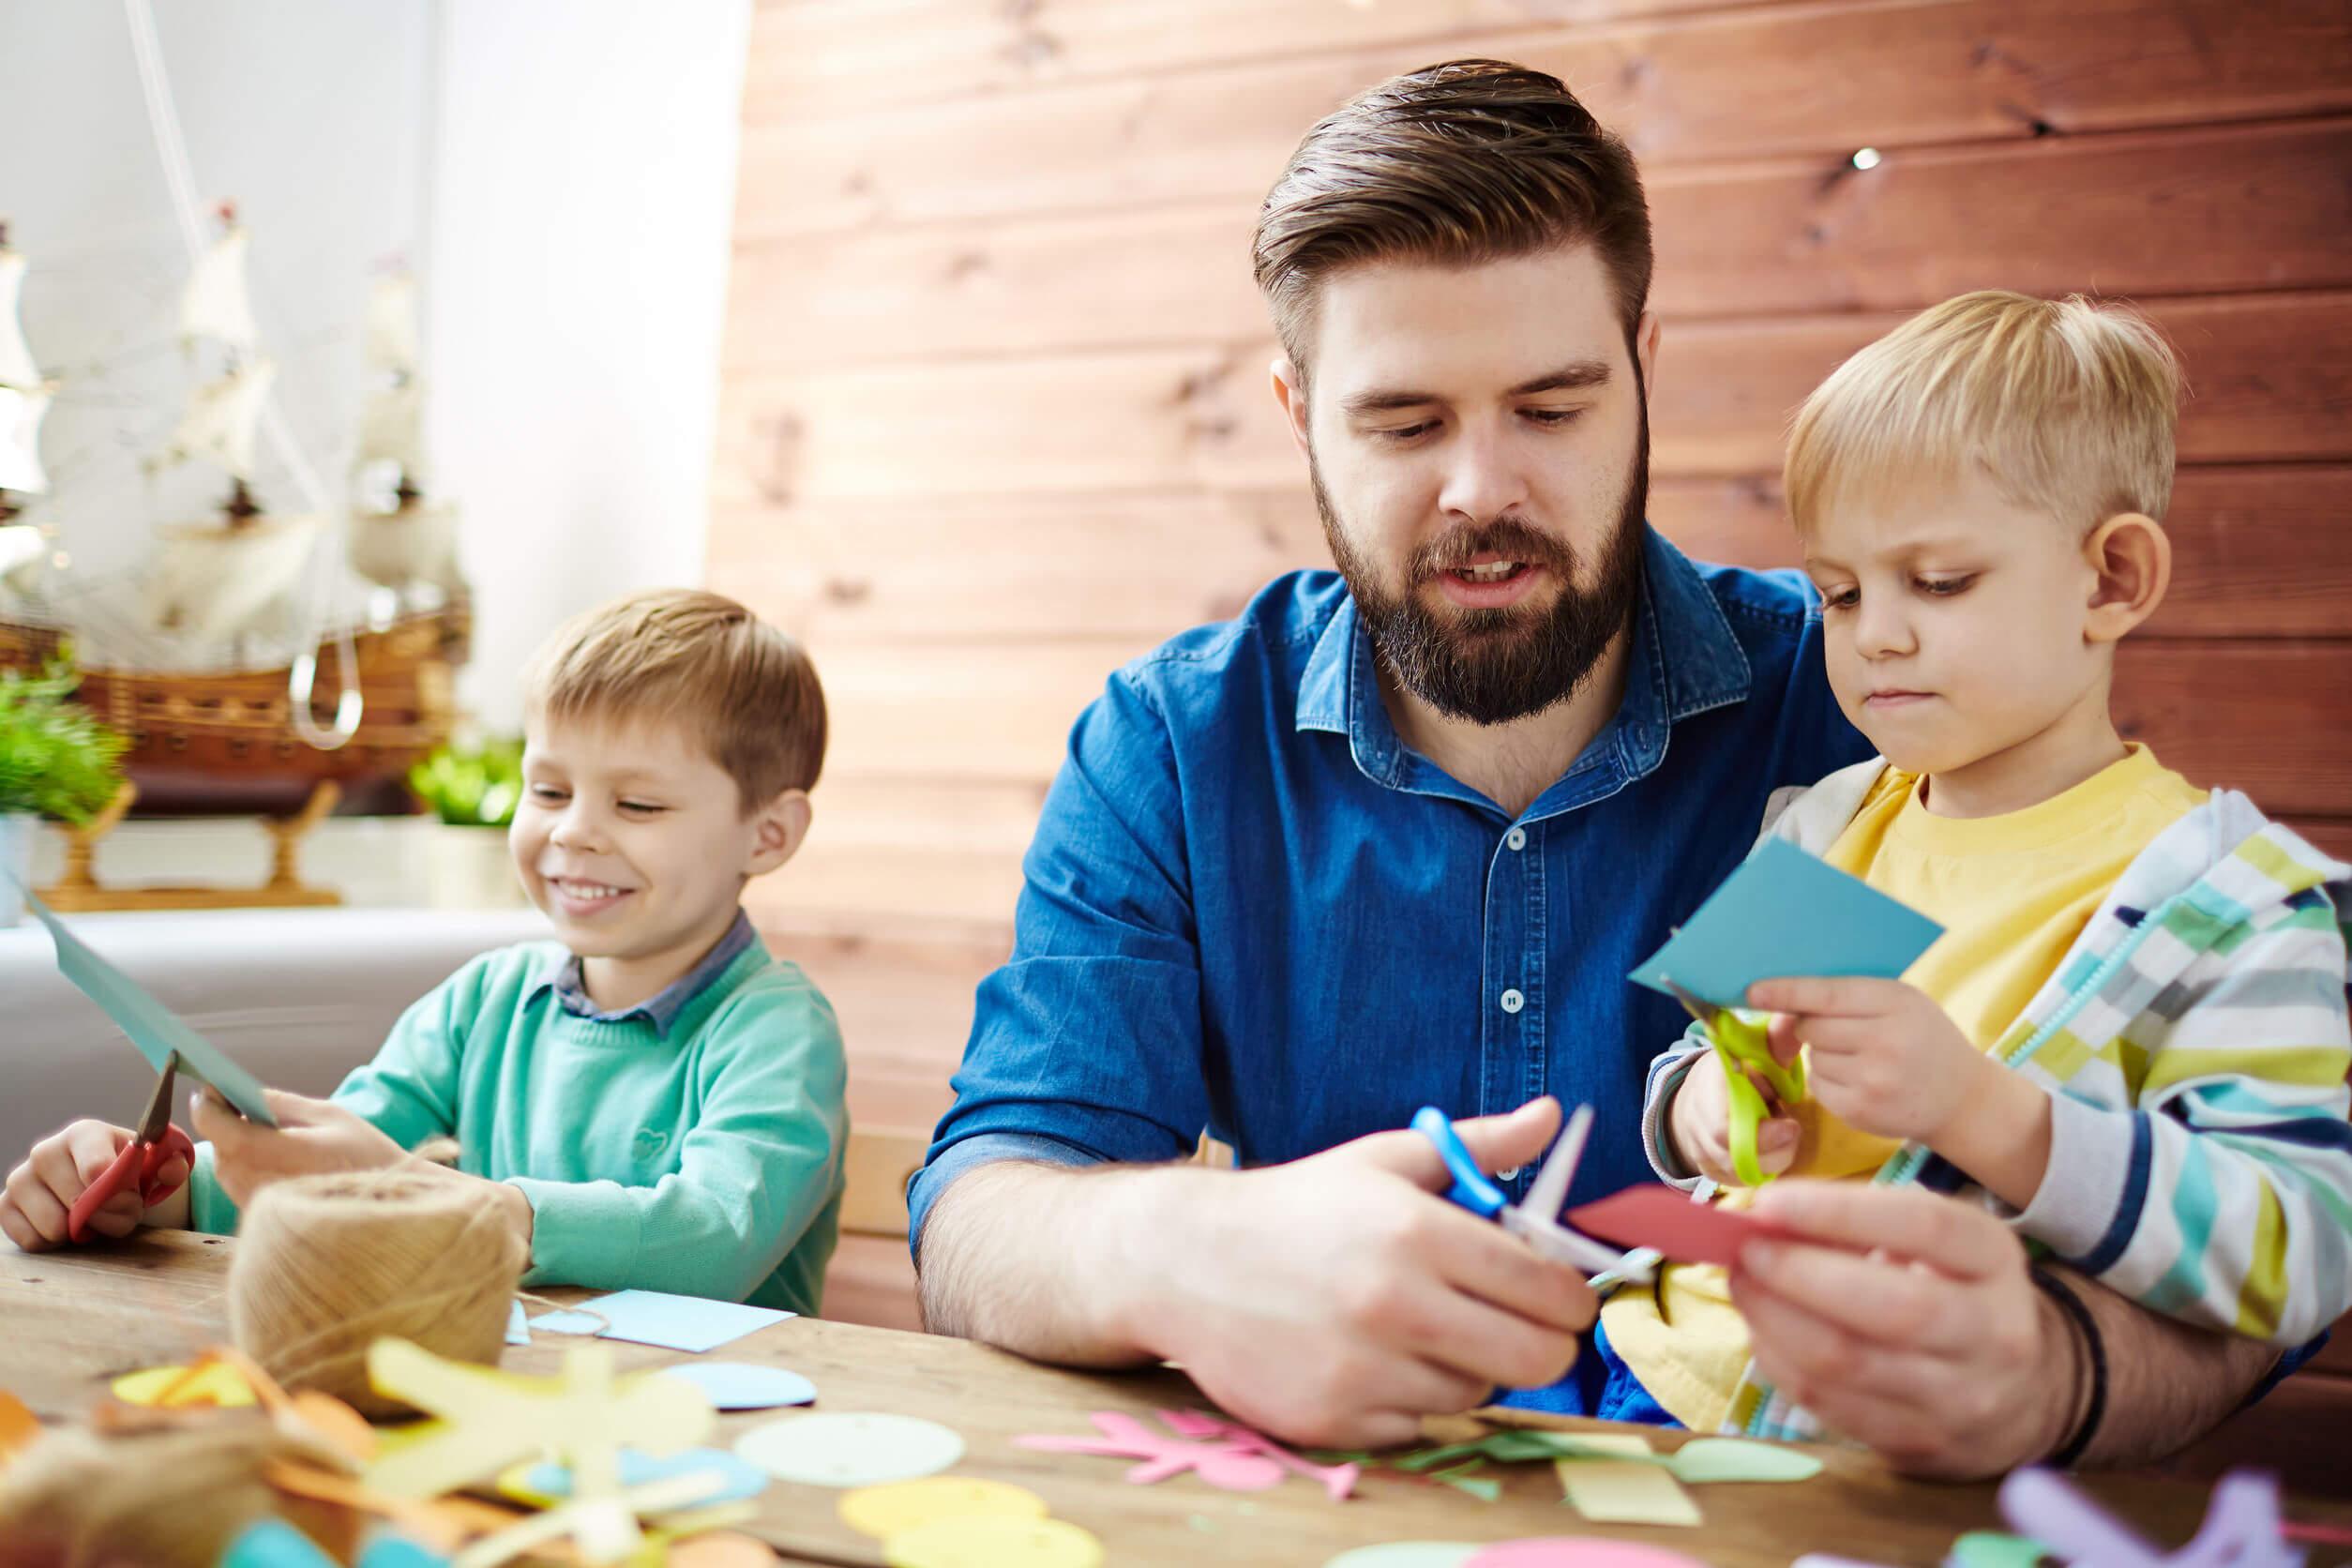 Padre haciendo un photocall con su hijos.